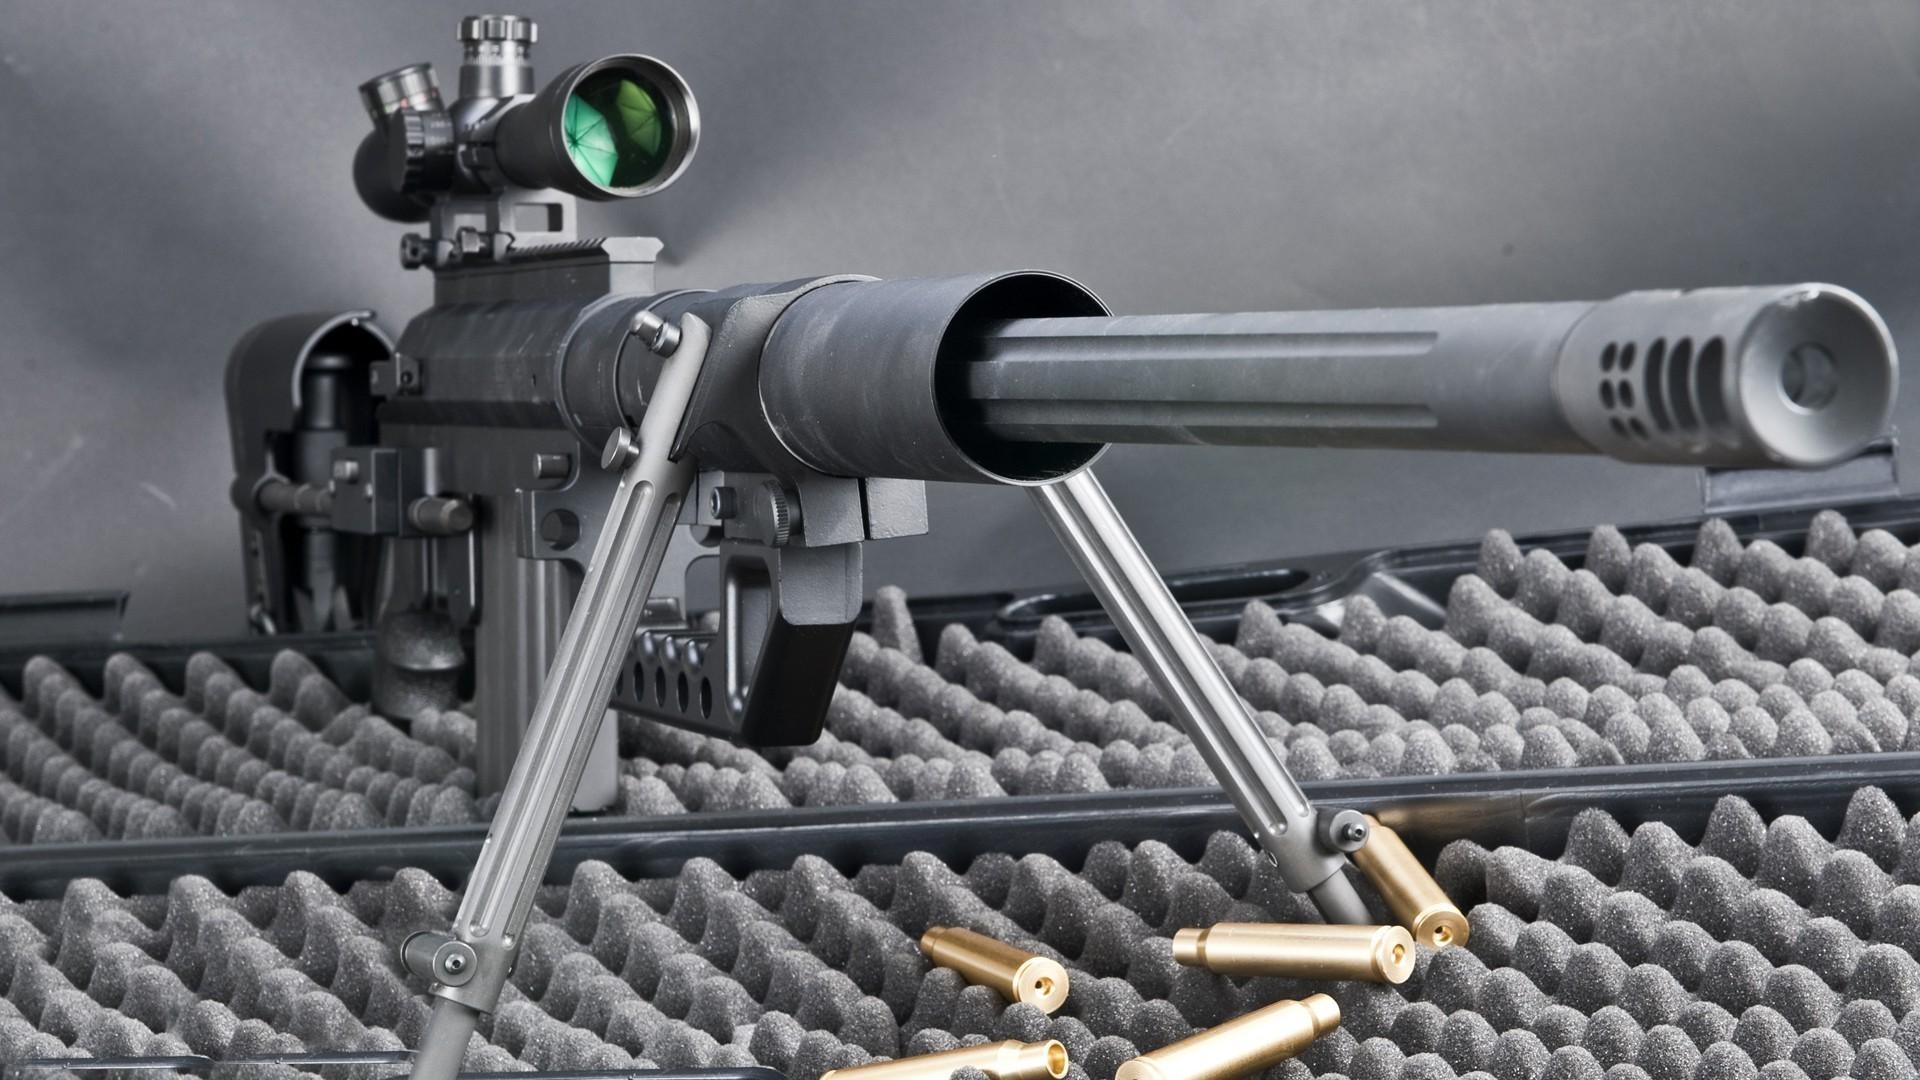 Mech military weapons guns rifles sniper wallpaper 1920x1080